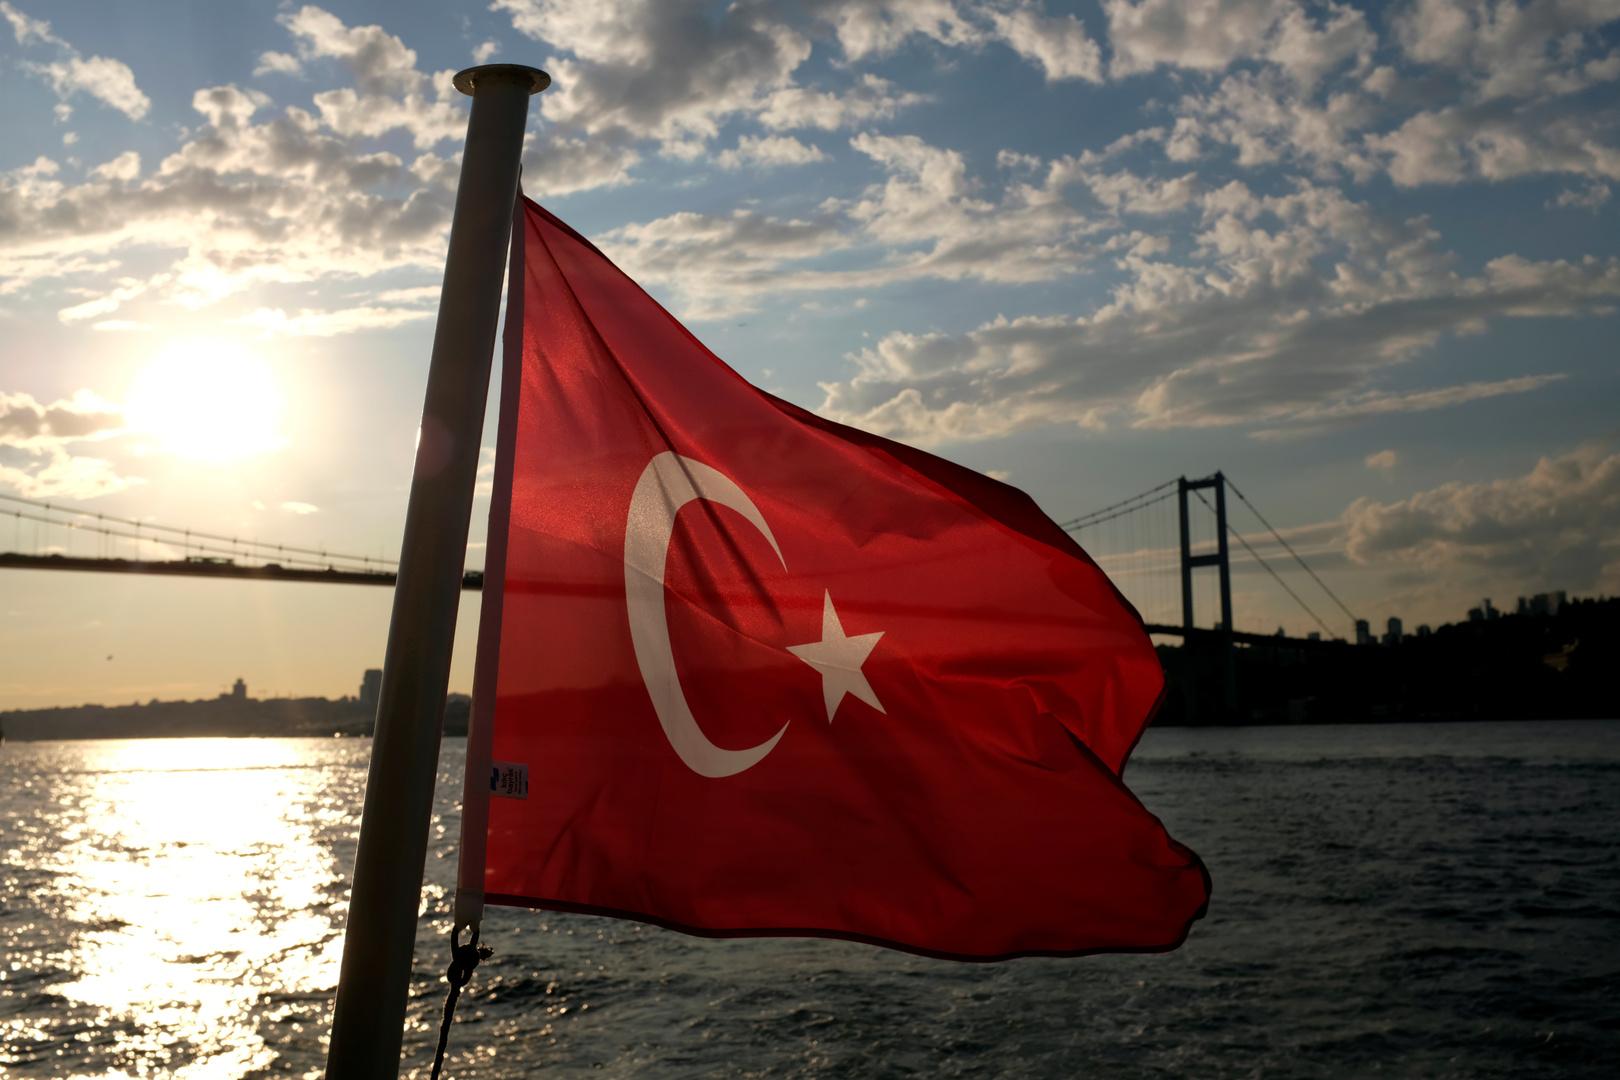 خبراء يتوقعون أن يبلغ التضخم في تركيا 14.2% بنهاية 2020